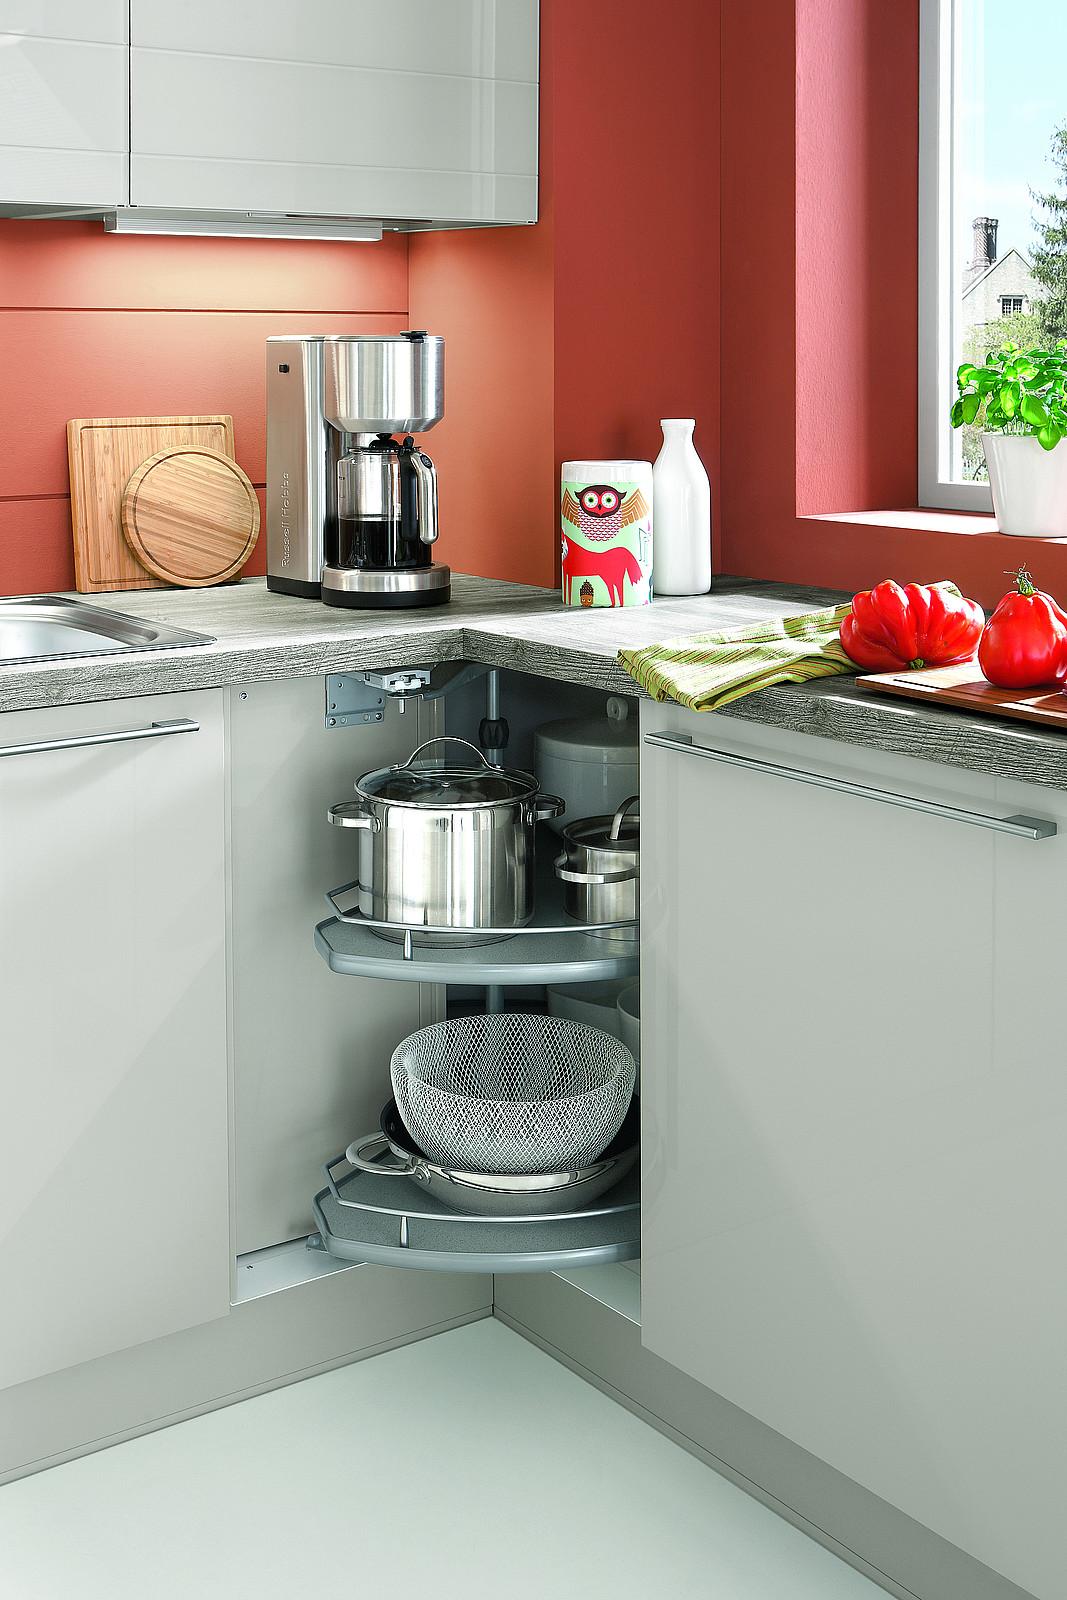 Full Size of Küchenunterschrank Weiß Eckunterschrank Küche Schubladen Eckunterschrank Küche Ausziehbar Eckunterschrank Küche Auszug Küche Eckunterschrank Küche